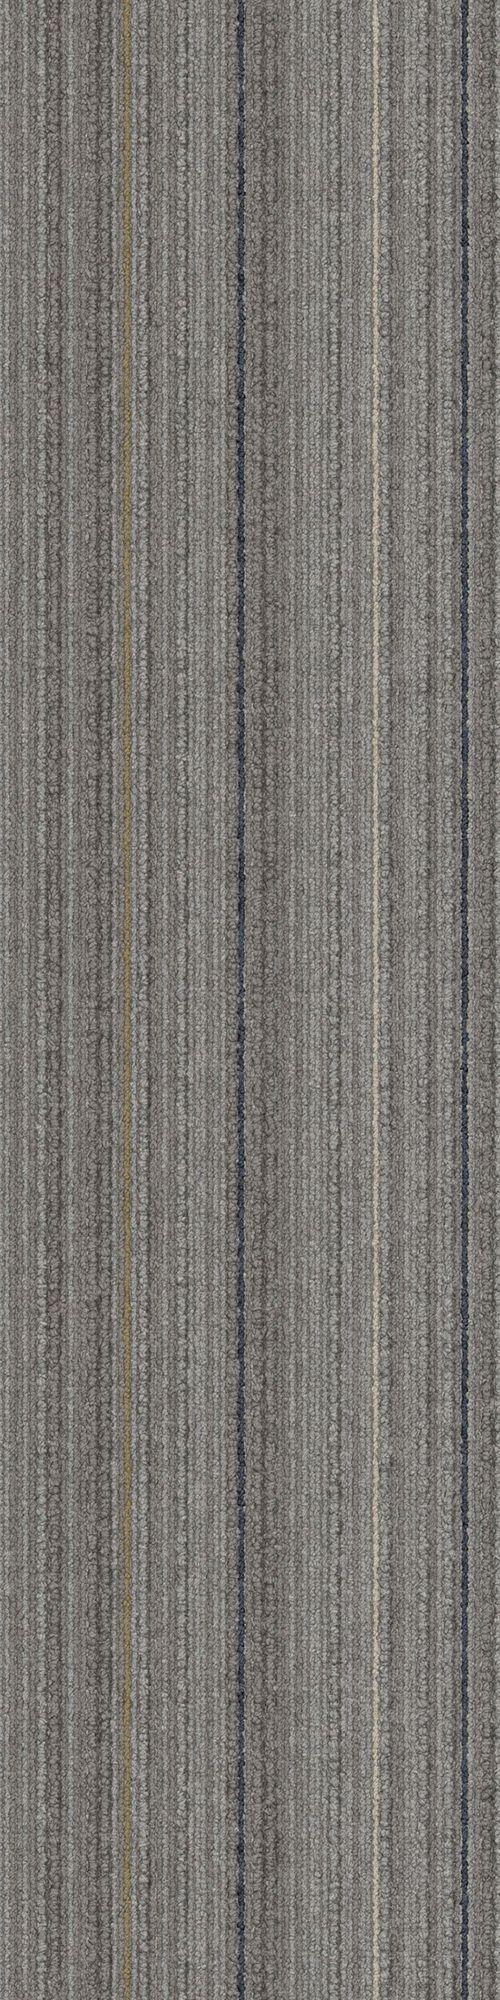 Interface carpet tile: SL920 Color name: Nickel Line Variant 5